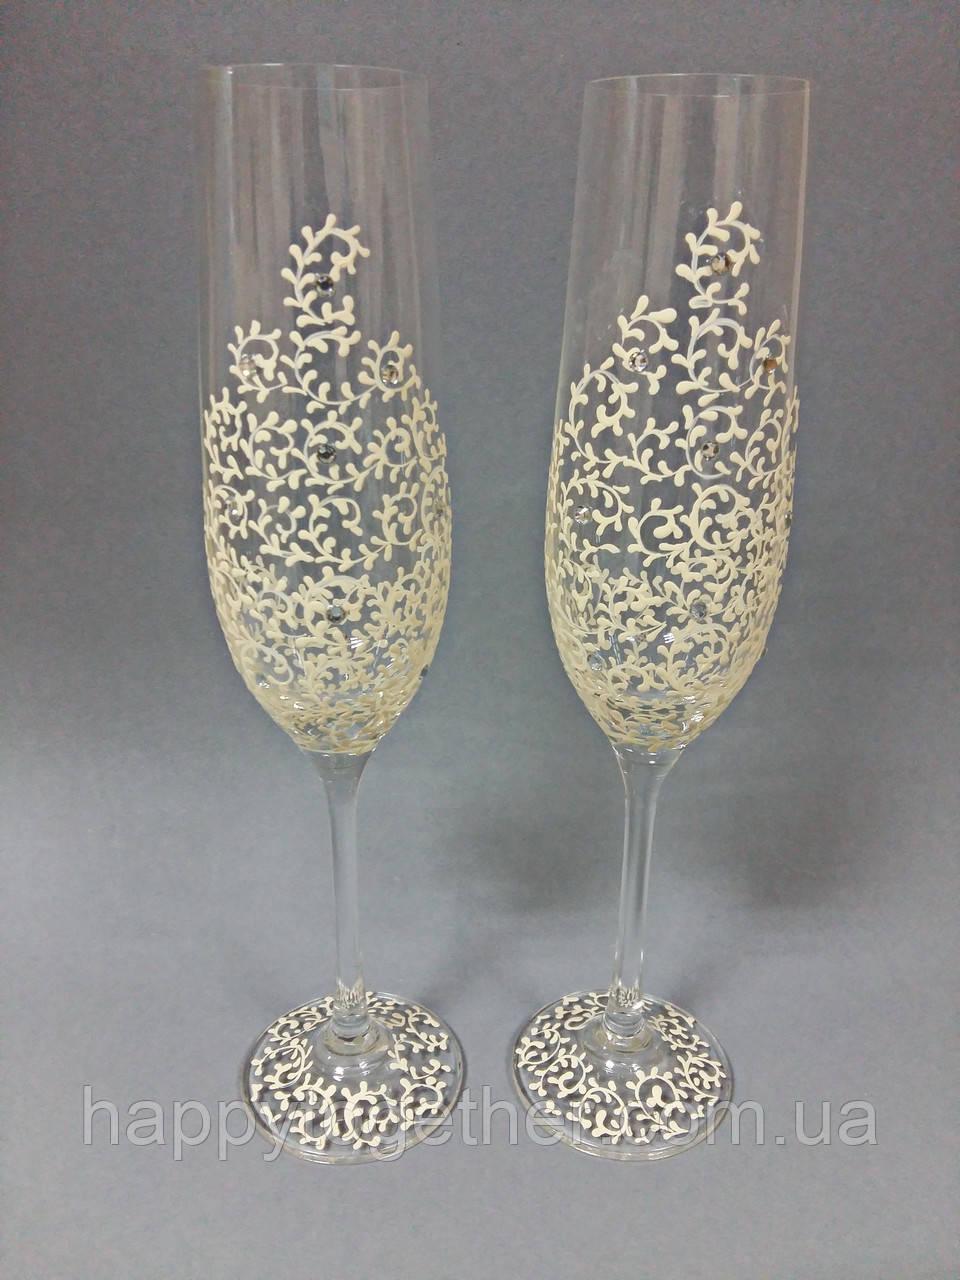 Свадебные бокалы ручной работы с росписью